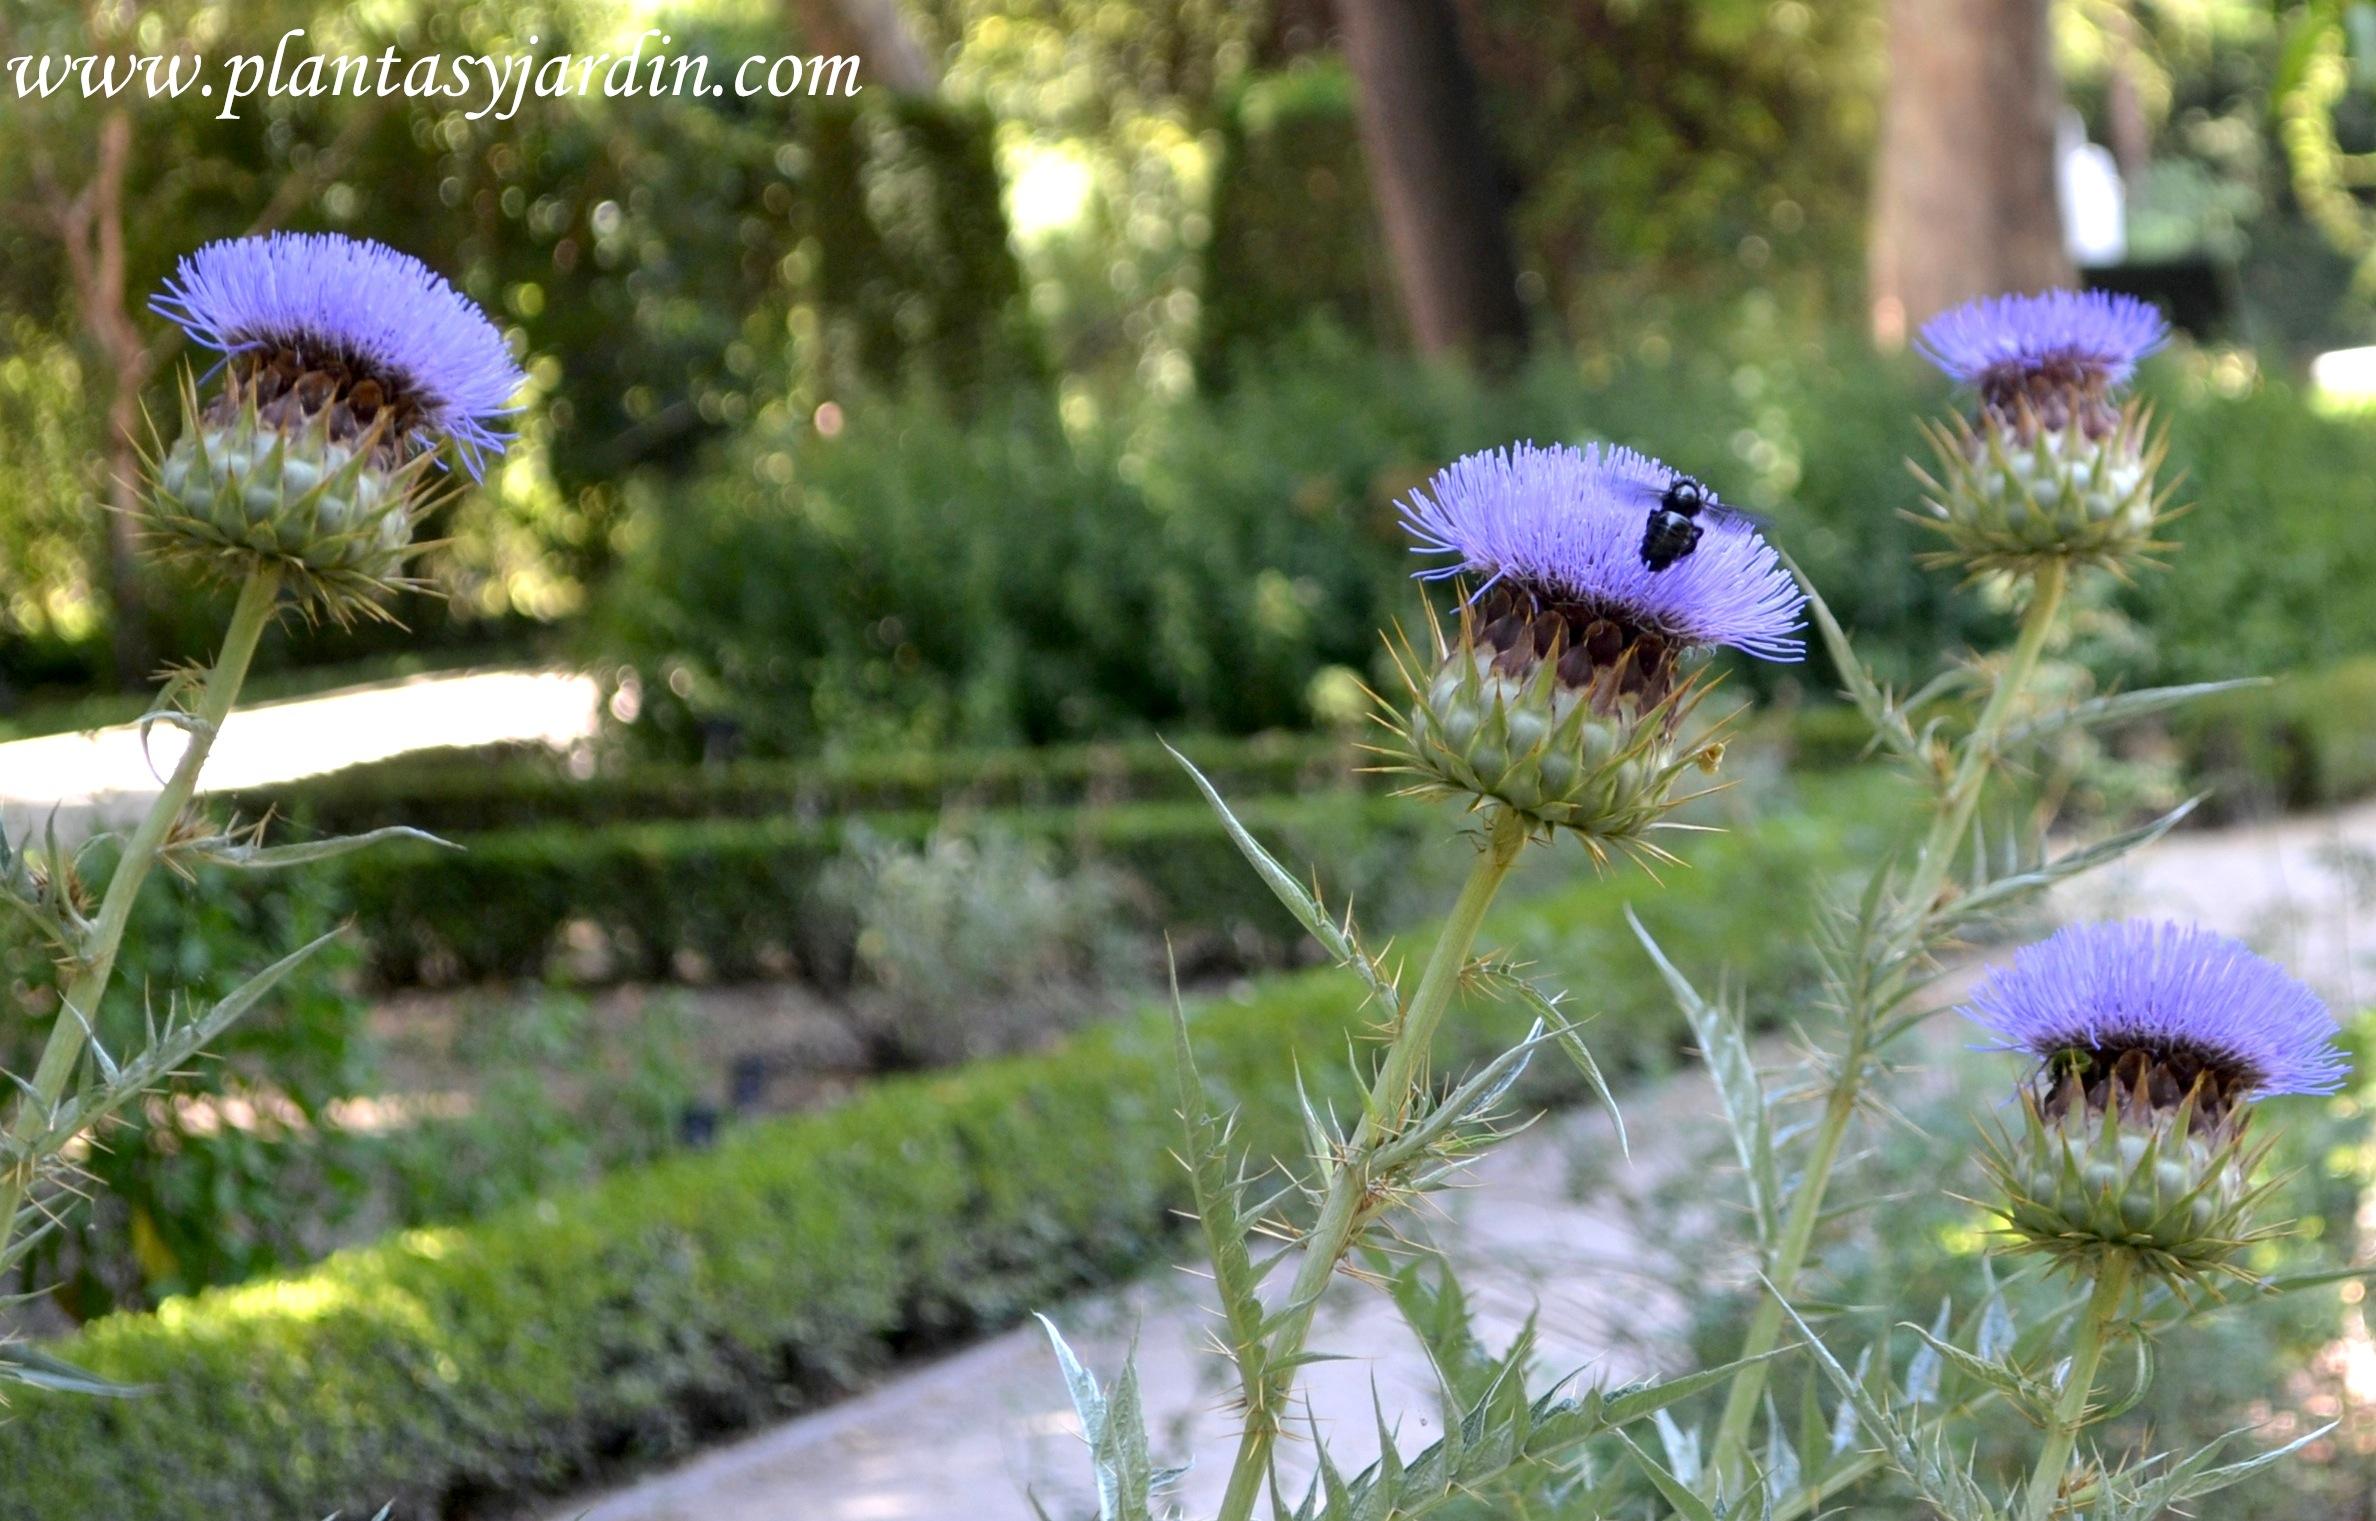 Cynara cardunculus-Cardo de la huerta, nativo de la región Mediterránea.